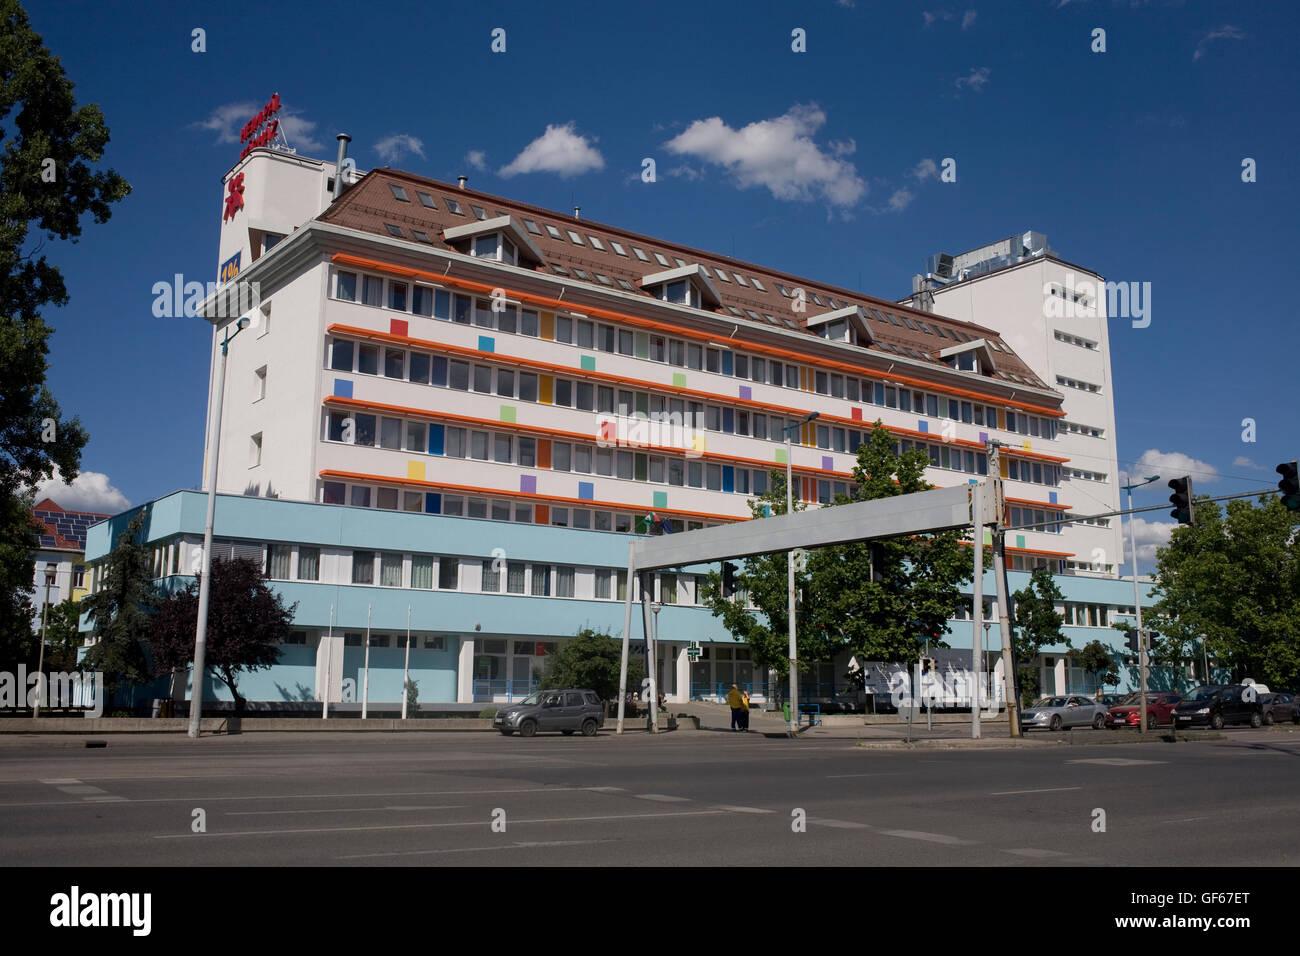 Hiem Pal Korhuz apartment block and Ulloi utca - Stock Image